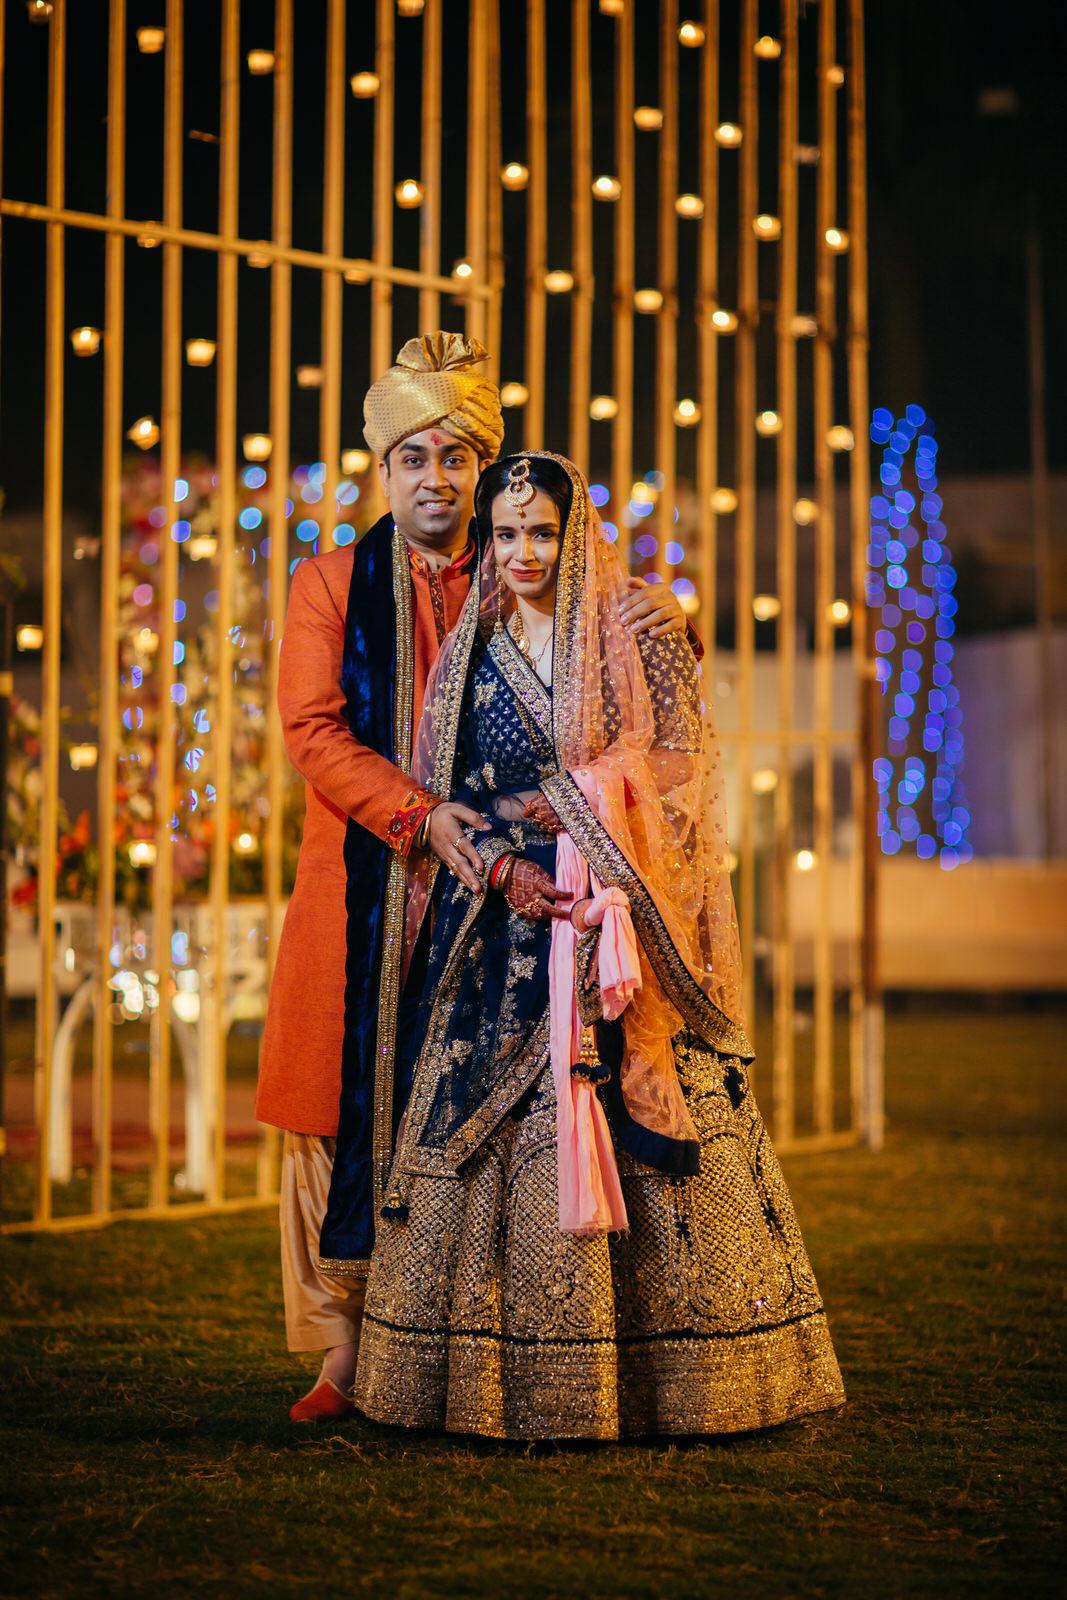 Hindu Night Wedding Day 2 - Camera 1-518.jpg